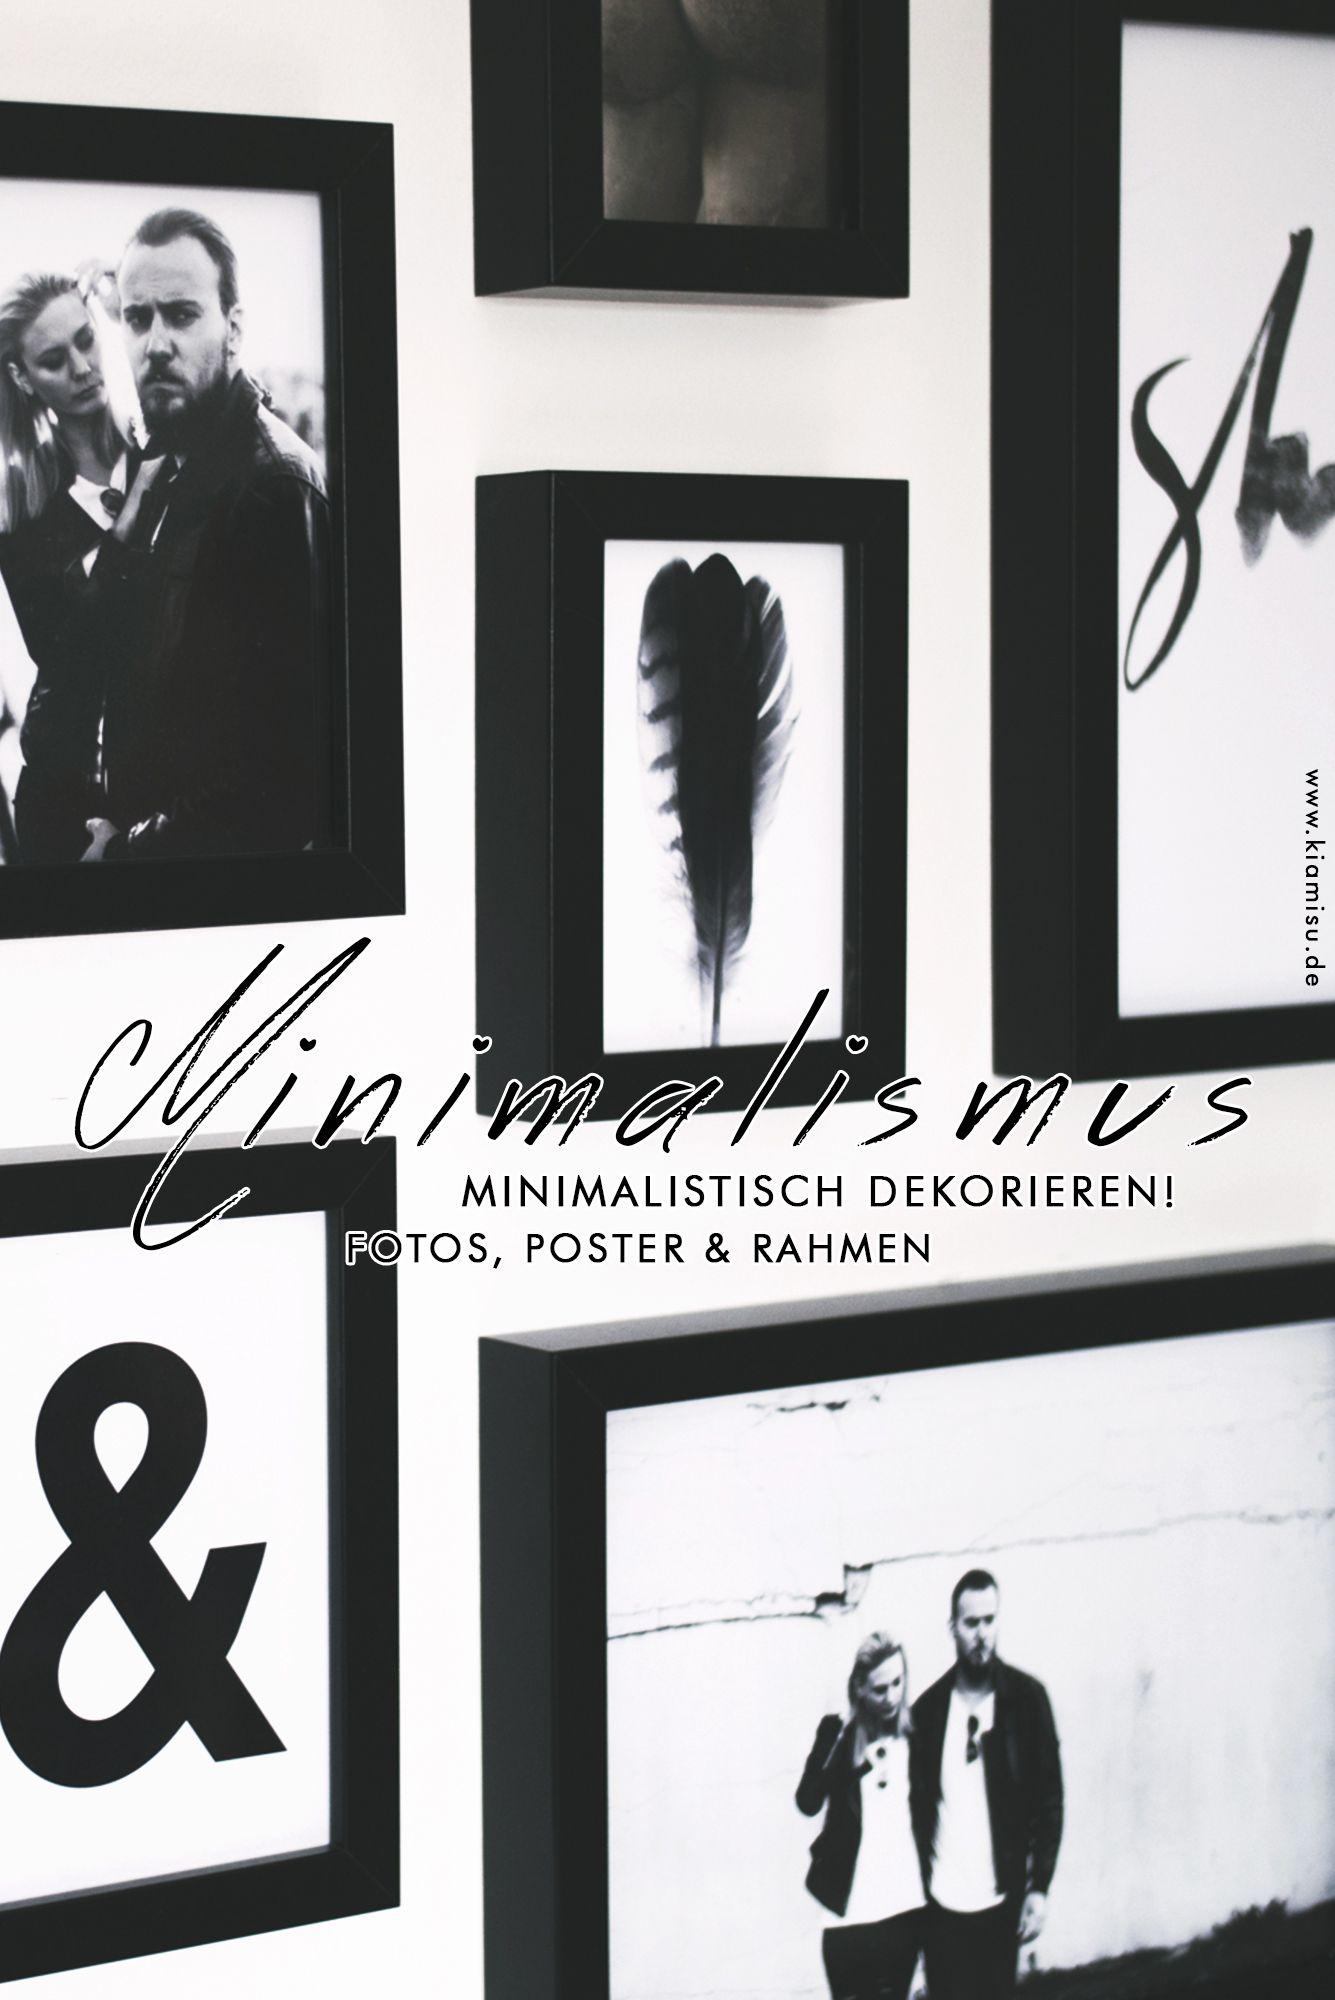 minimalistisch wohnen schwarz wei poster als dekoelement - Wohnen Schwarz Weis